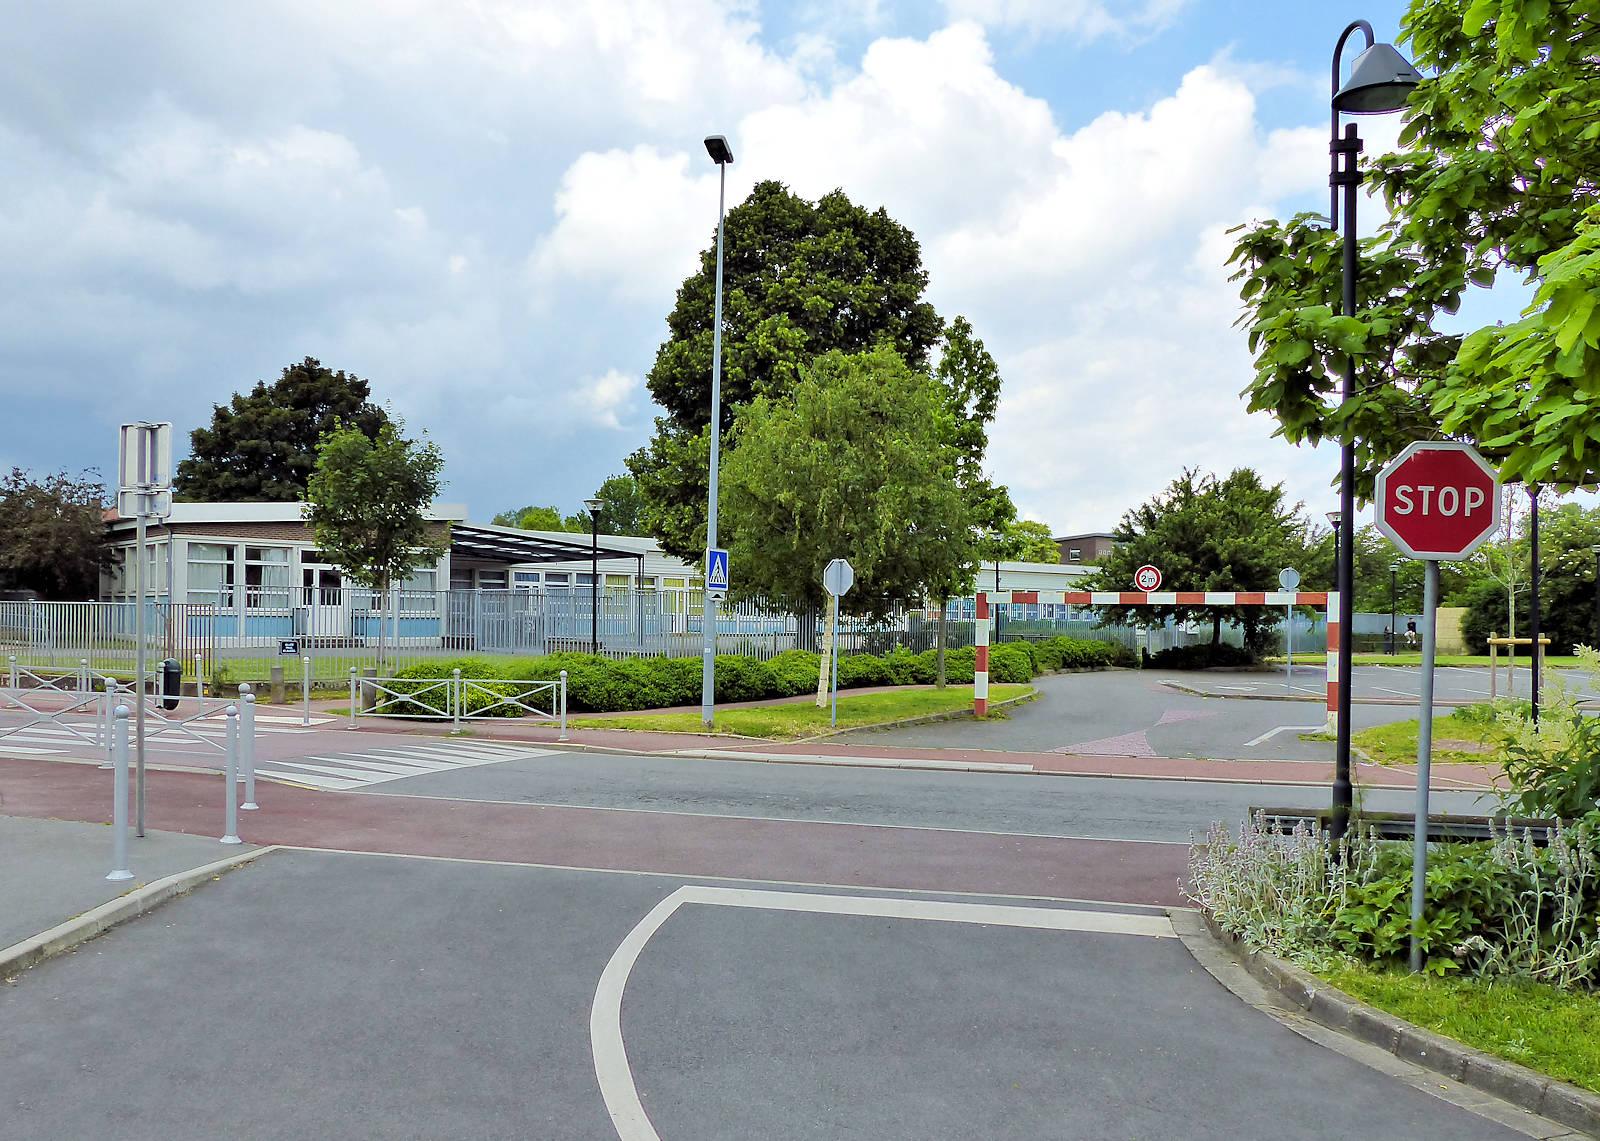 École Maternelle Claudel, Tourcoing - Parking